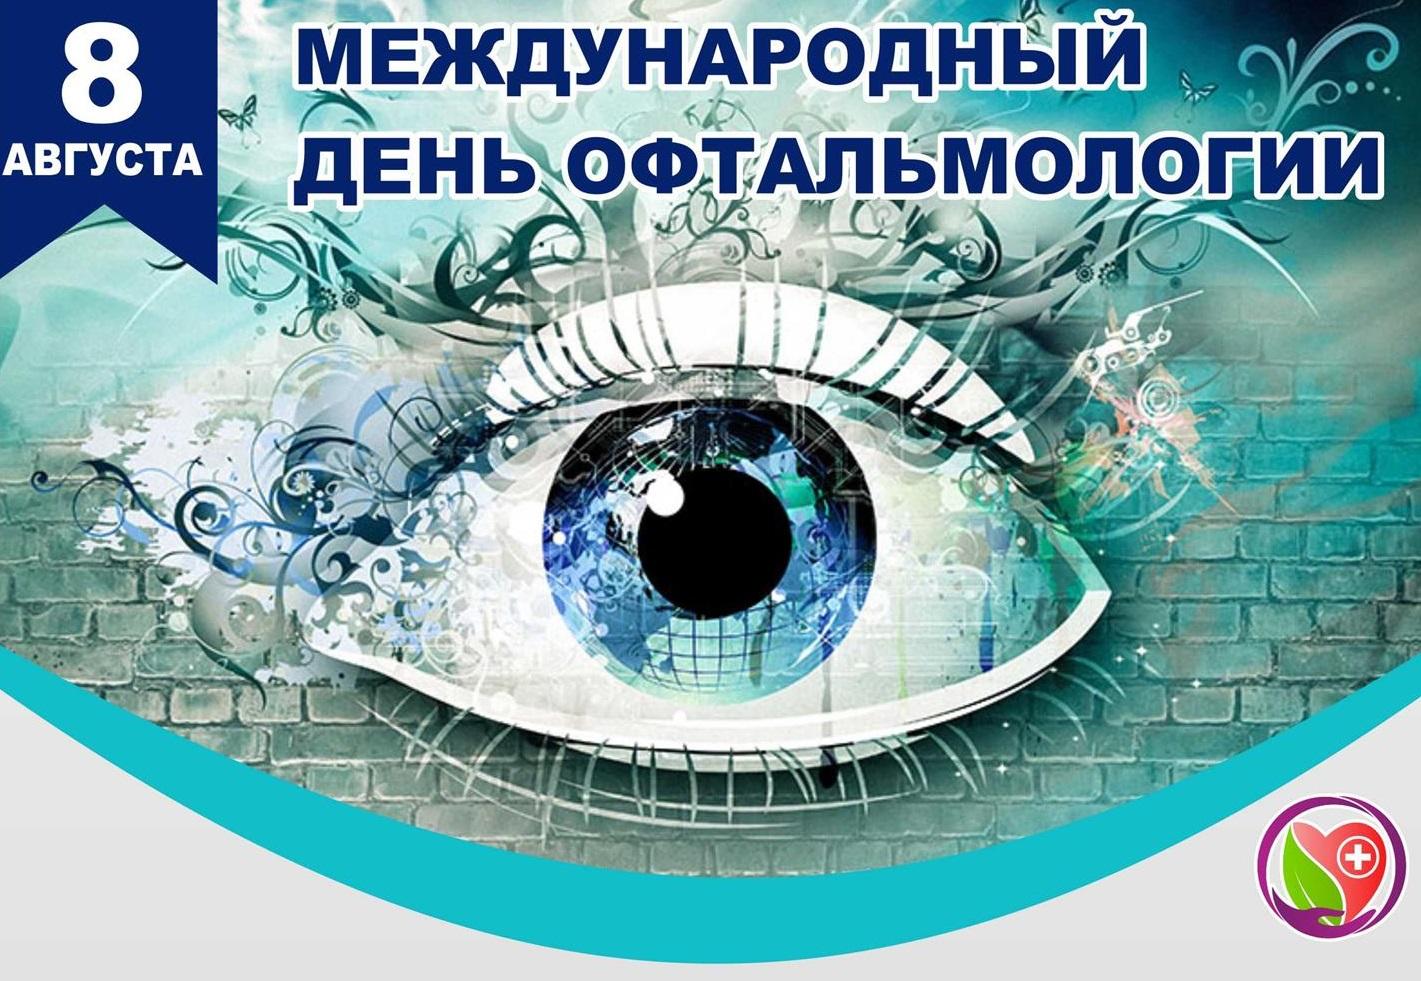 Ольга Алимова поздравила с Международным днем офтальмологии